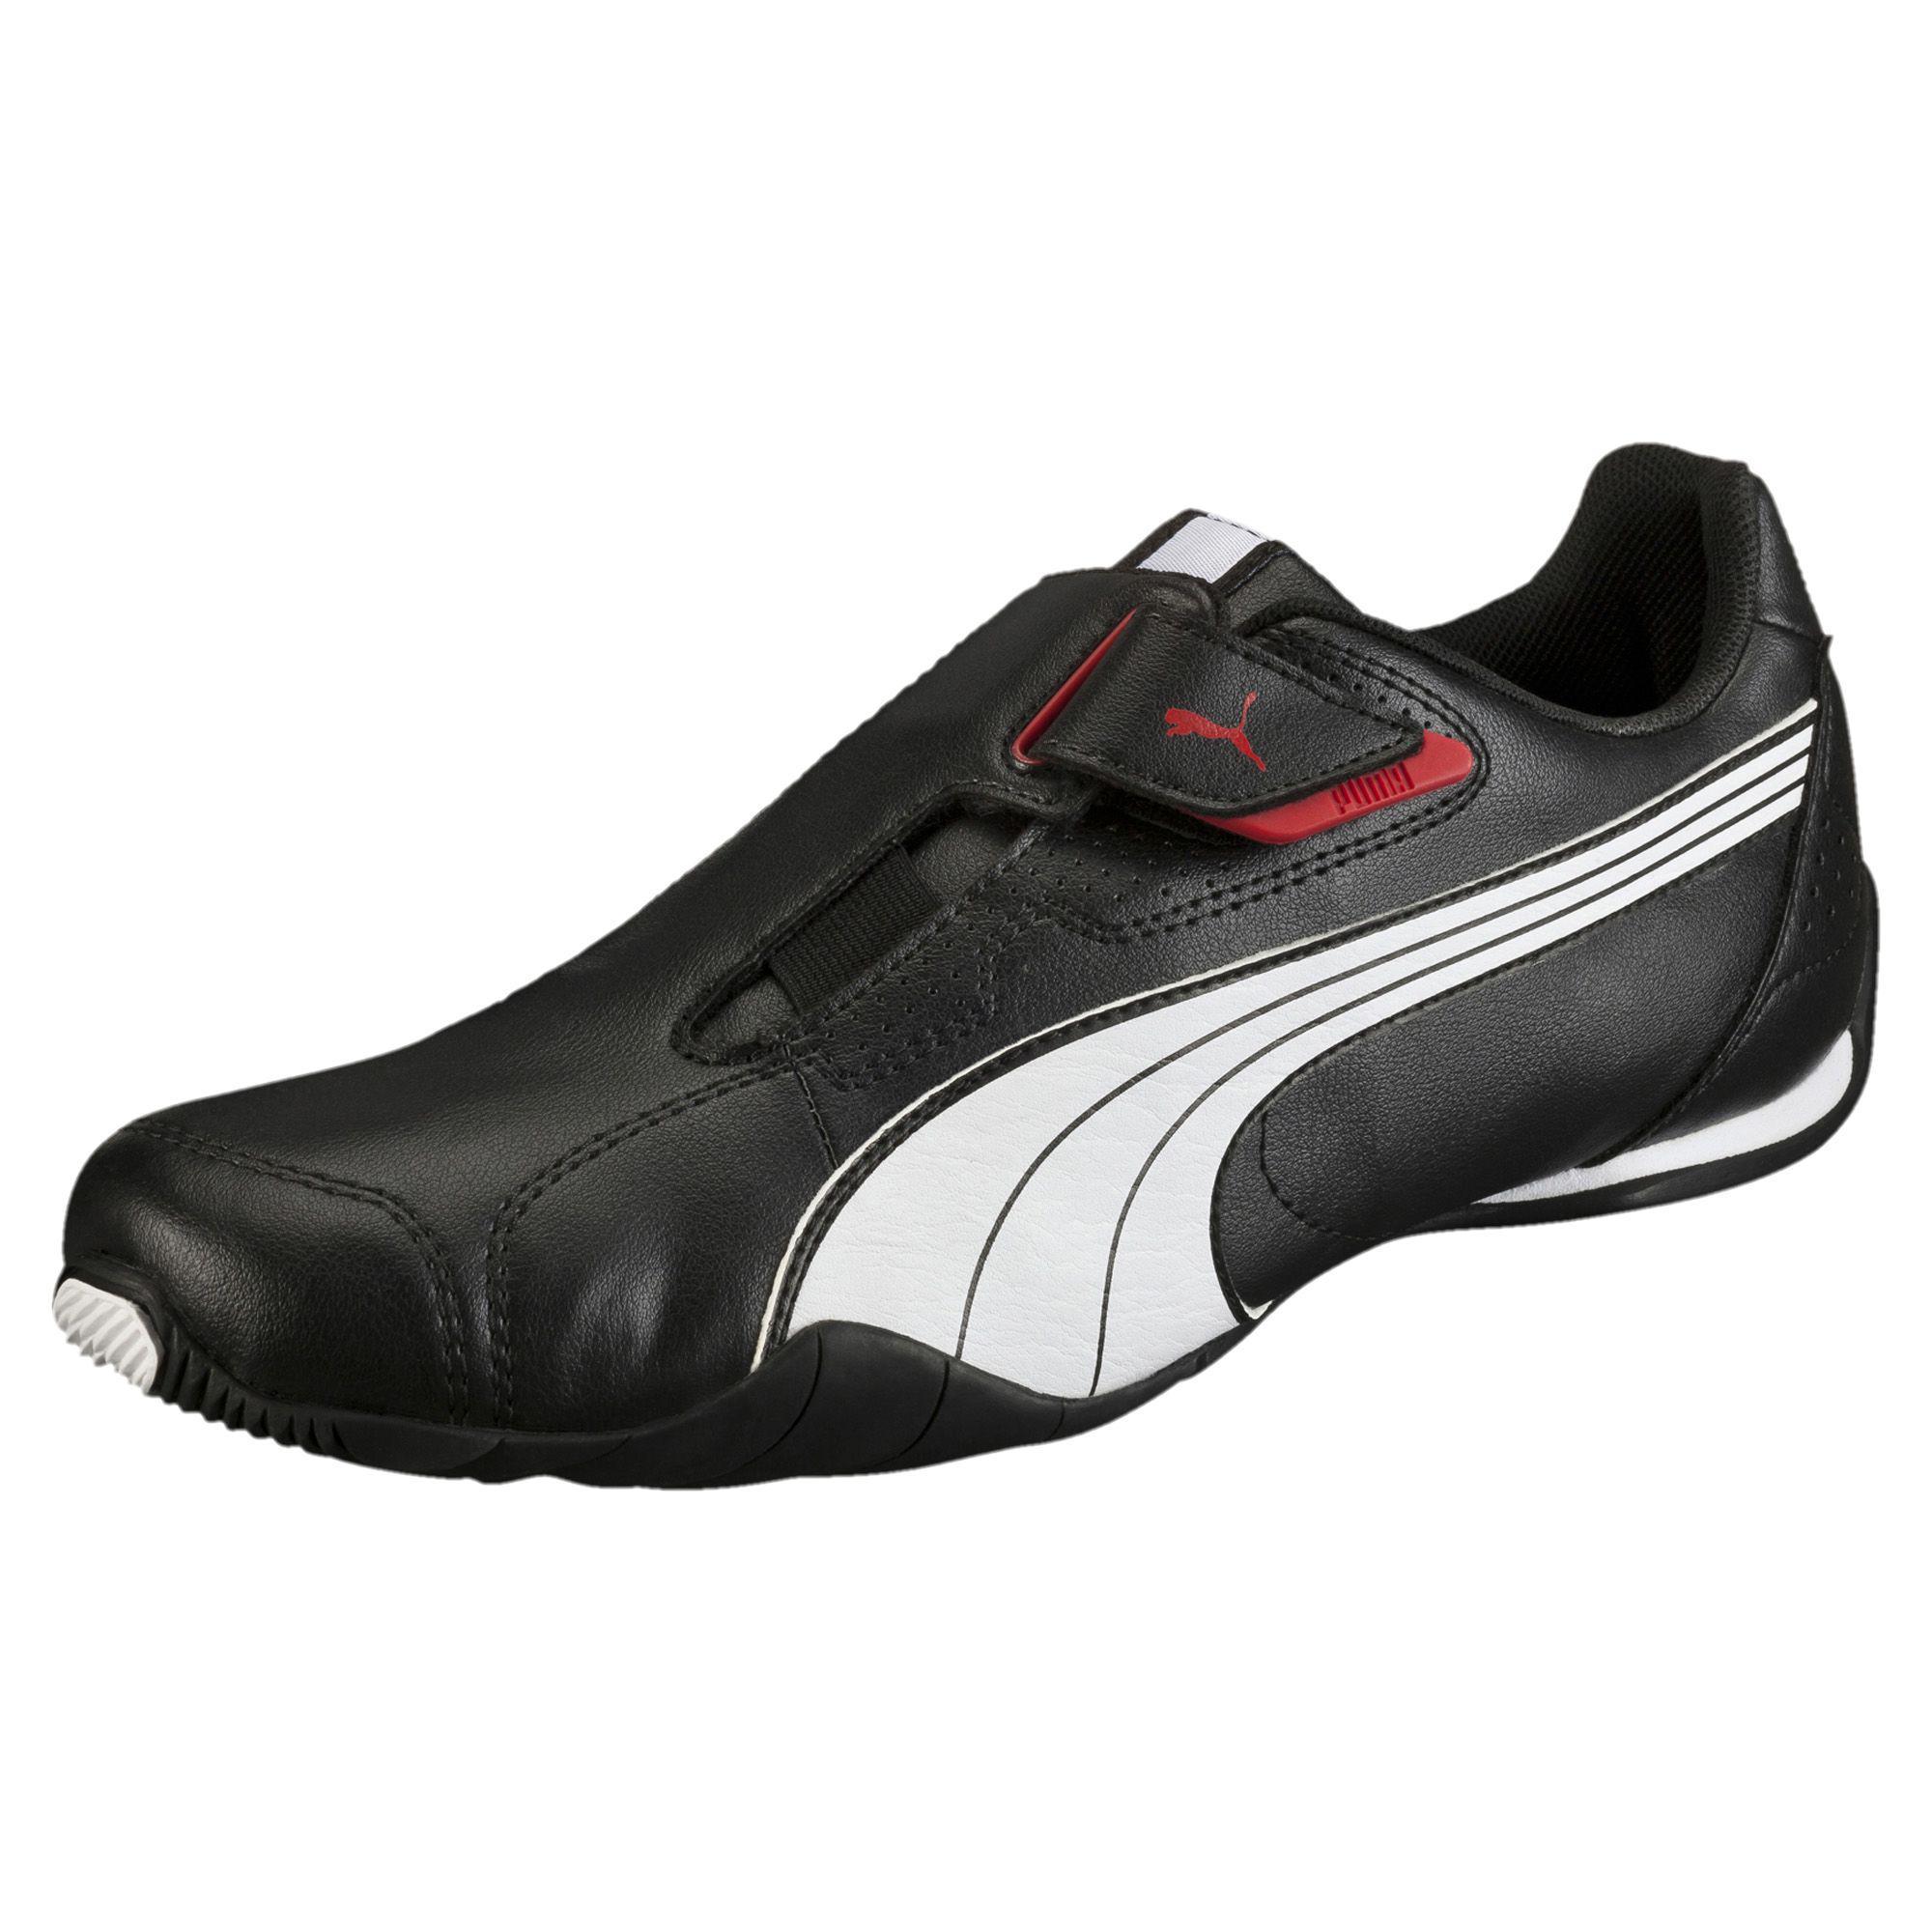 f17d08812588 PUMA - Black Redon Move Men s Shoes for Men - Lyst. View fullscreen